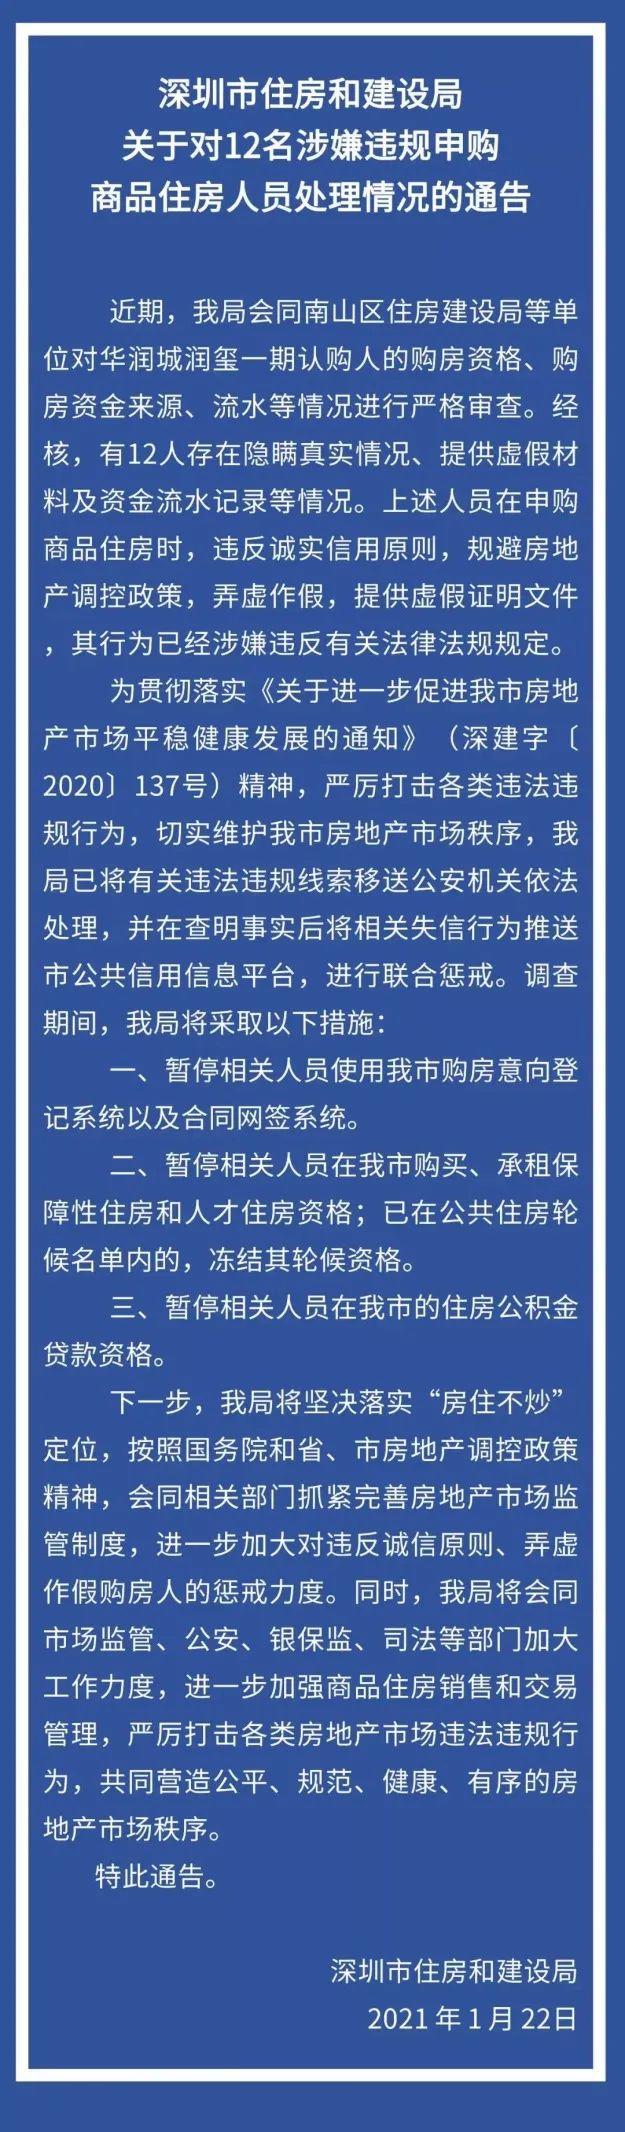 """取消买房资格!12人作假买润玺一期,被深圳""""禁买""""!楼市打新空子被封堵"""